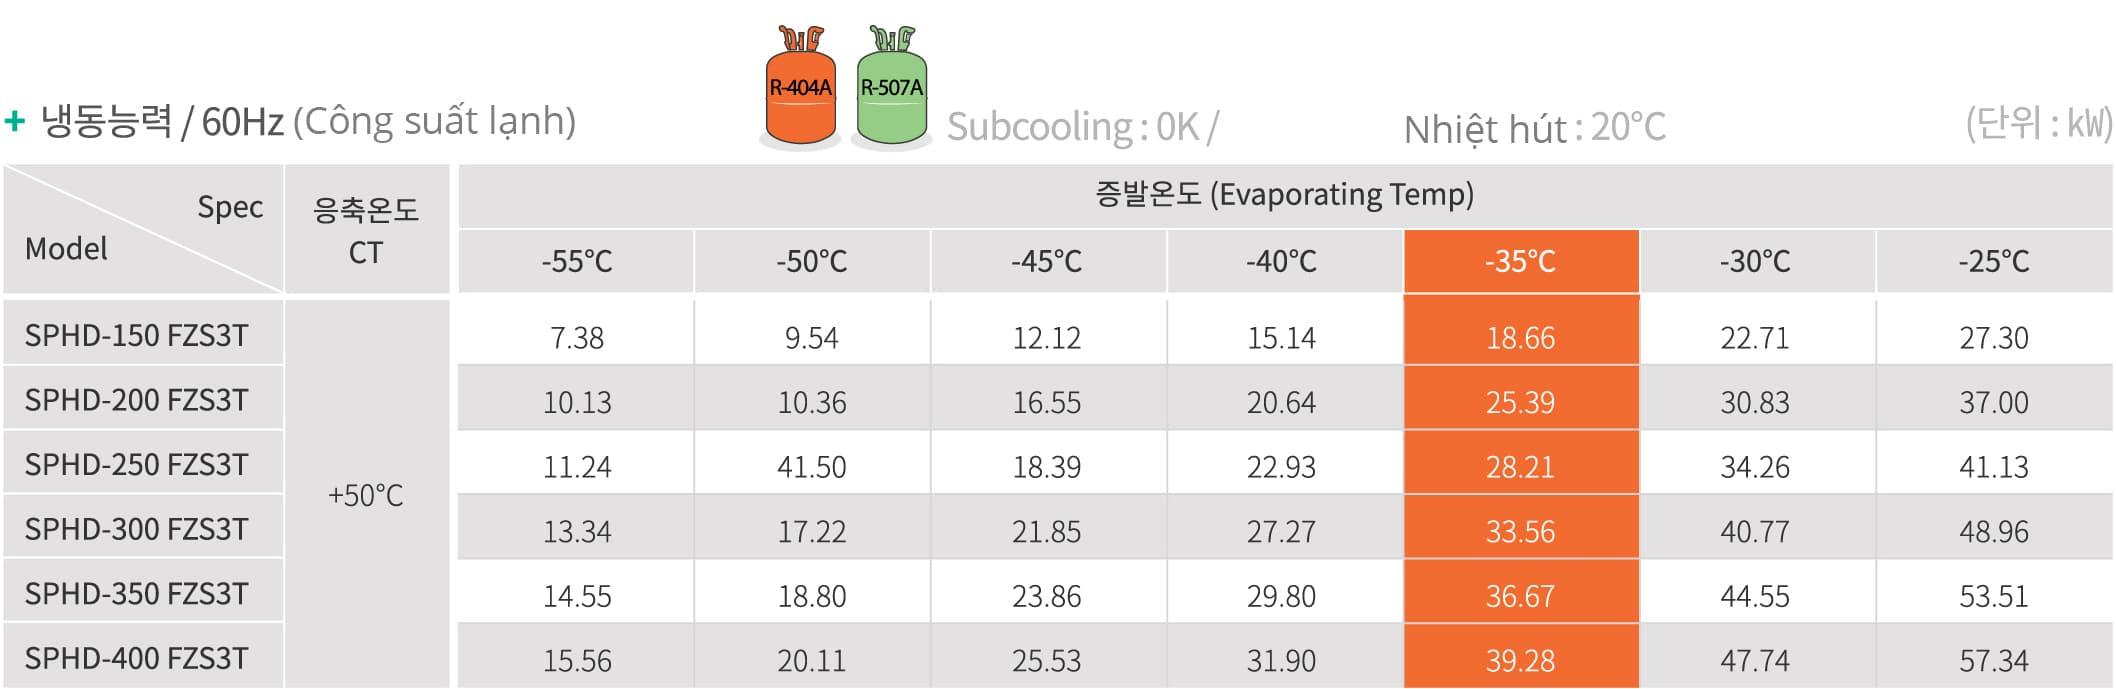 Giới thiệu chi tiết cụm máy nén dàn ngưng SPHD cấp đông nhanh hãng Sungjin. Cụm máy nén dàn ngưng Sungjin SPHD hai cấp chuyên dùng kho cấp đông Kikentech